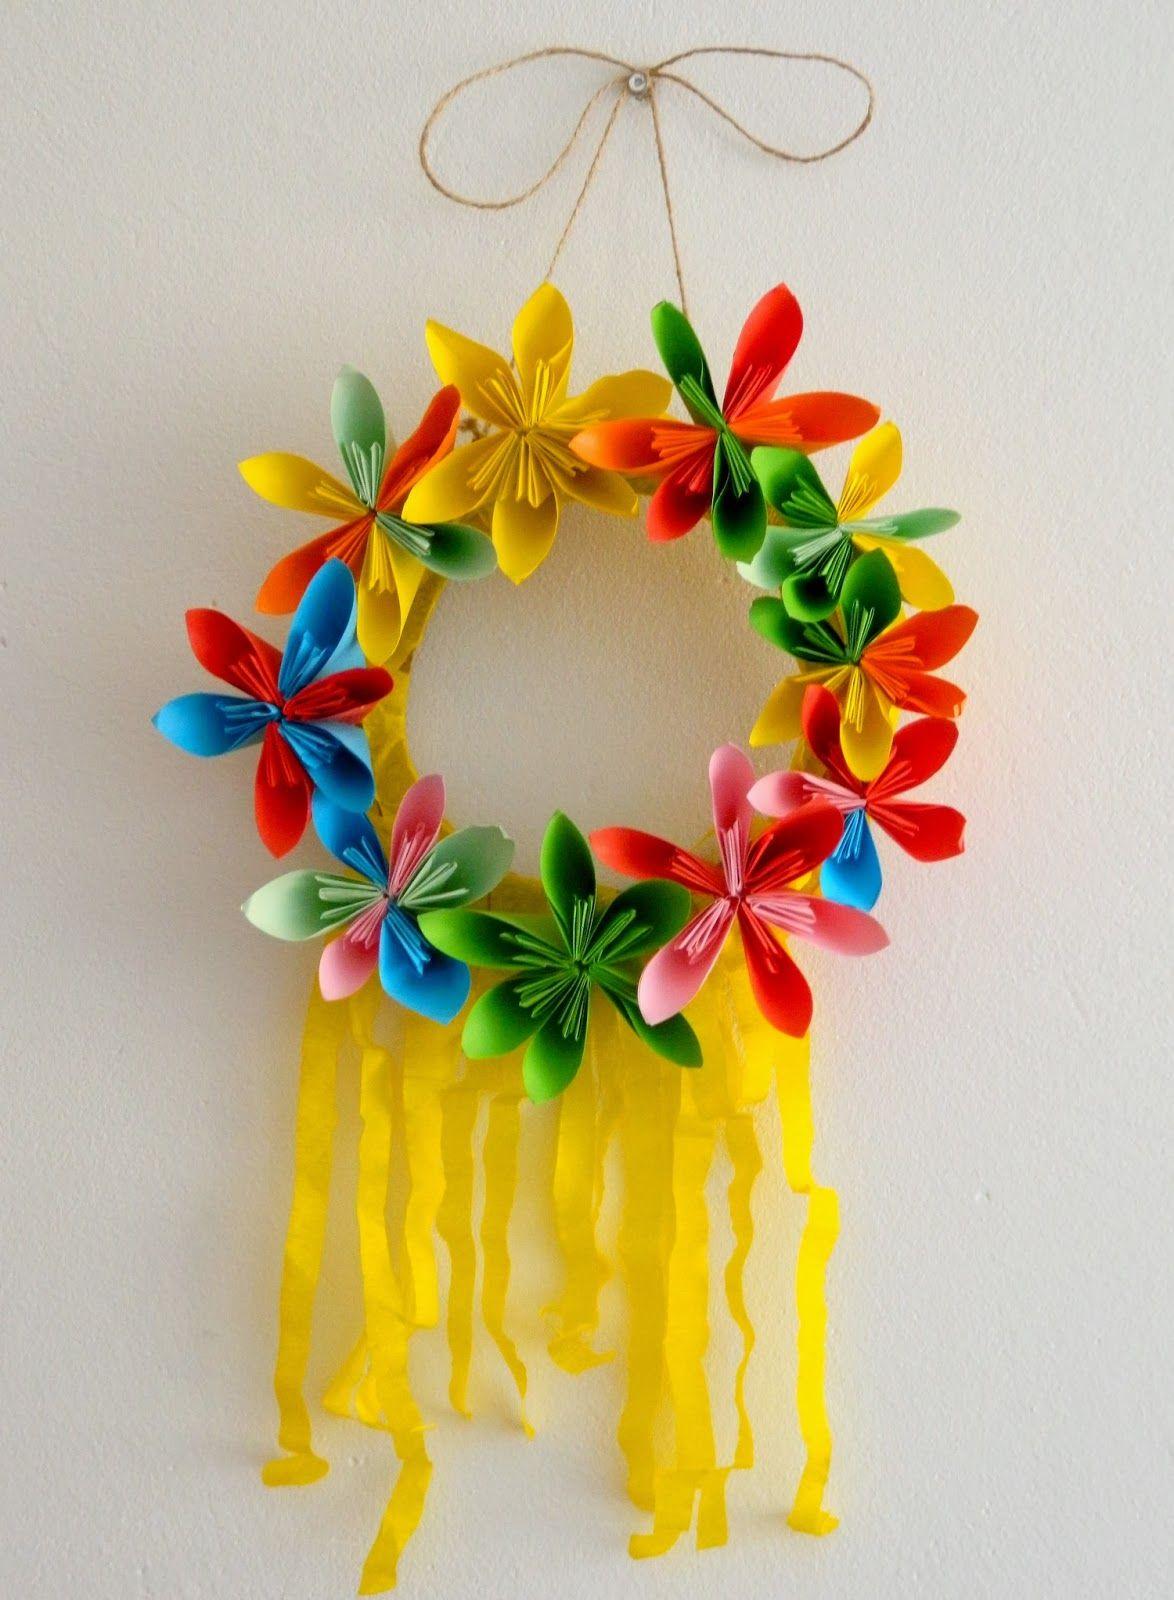 Pais Sobre El Arco Iris Soleado Corona De Flores Para La Primavera